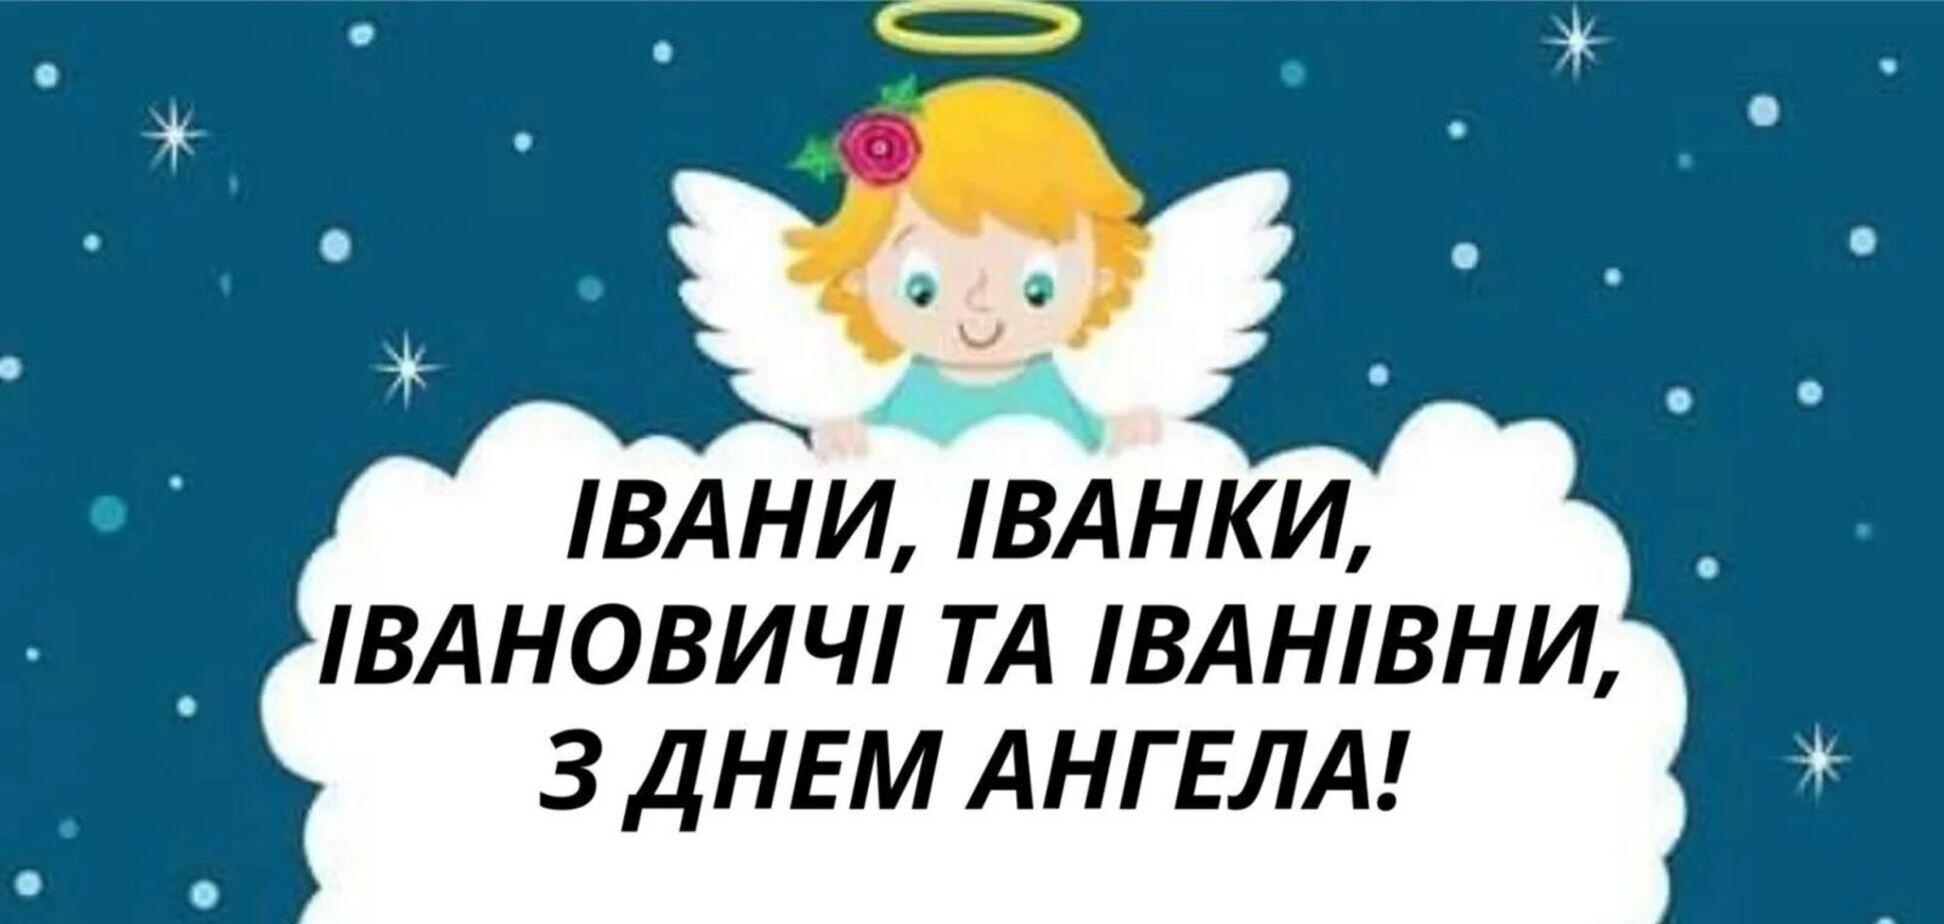 день ангела Івана та Іванки